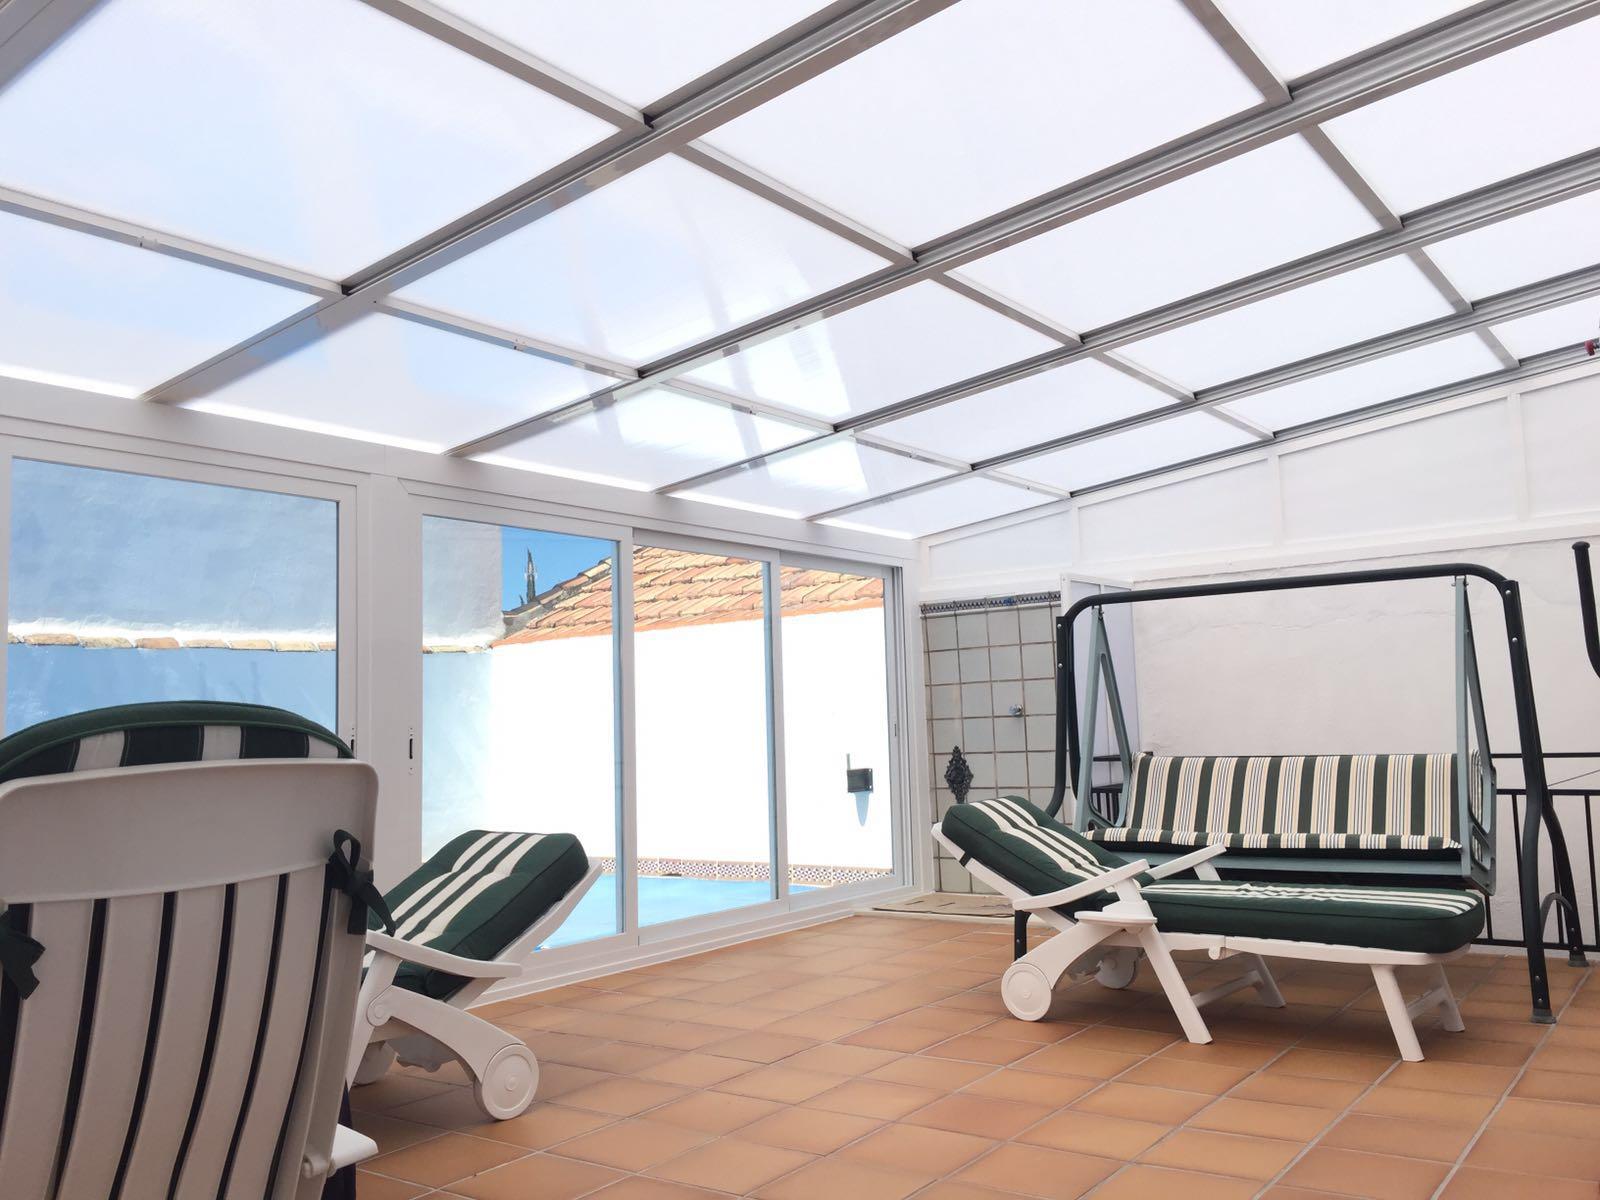 Fotos de cubiertas para piscinas cosmoval 644 34 87 47 - Cubiertas de terrazas ...